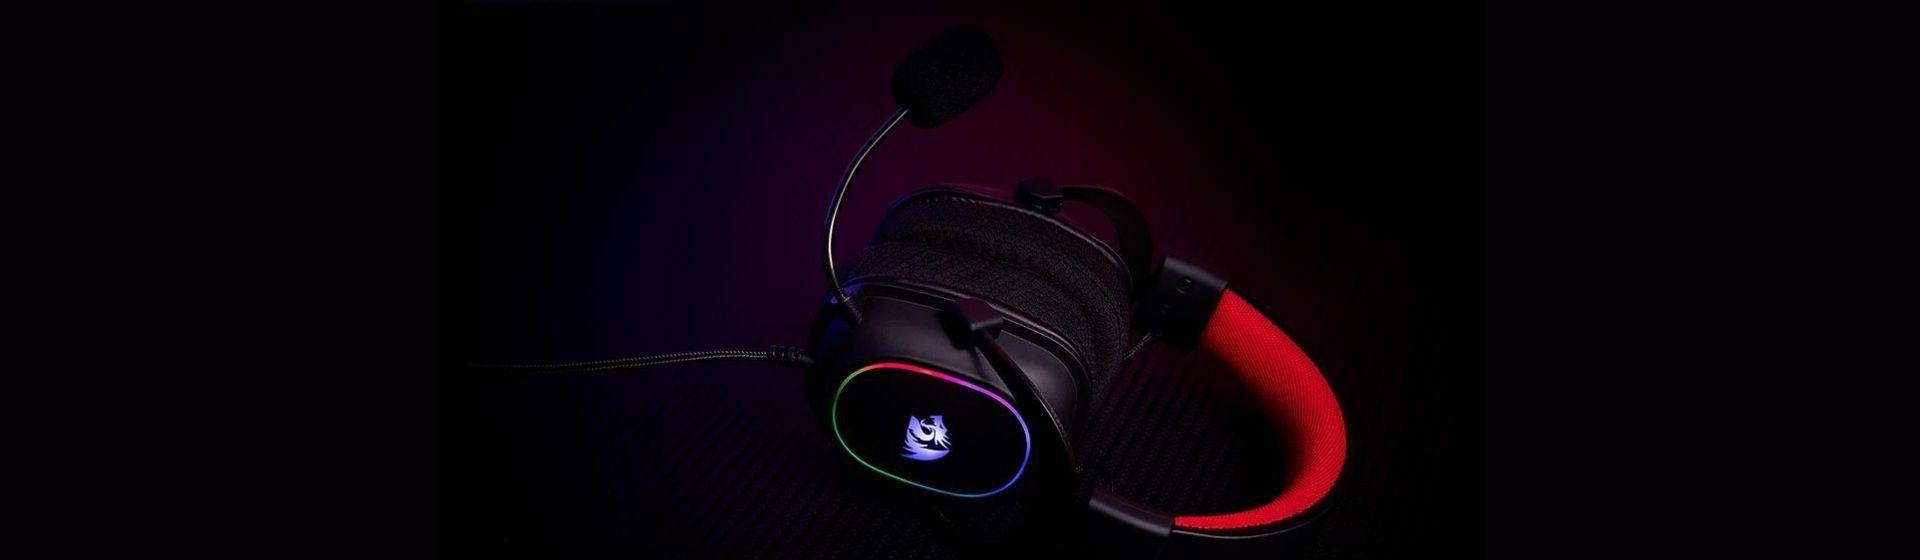 Melhor headset Redragon: 7 modelos da marca para comprar em 2021